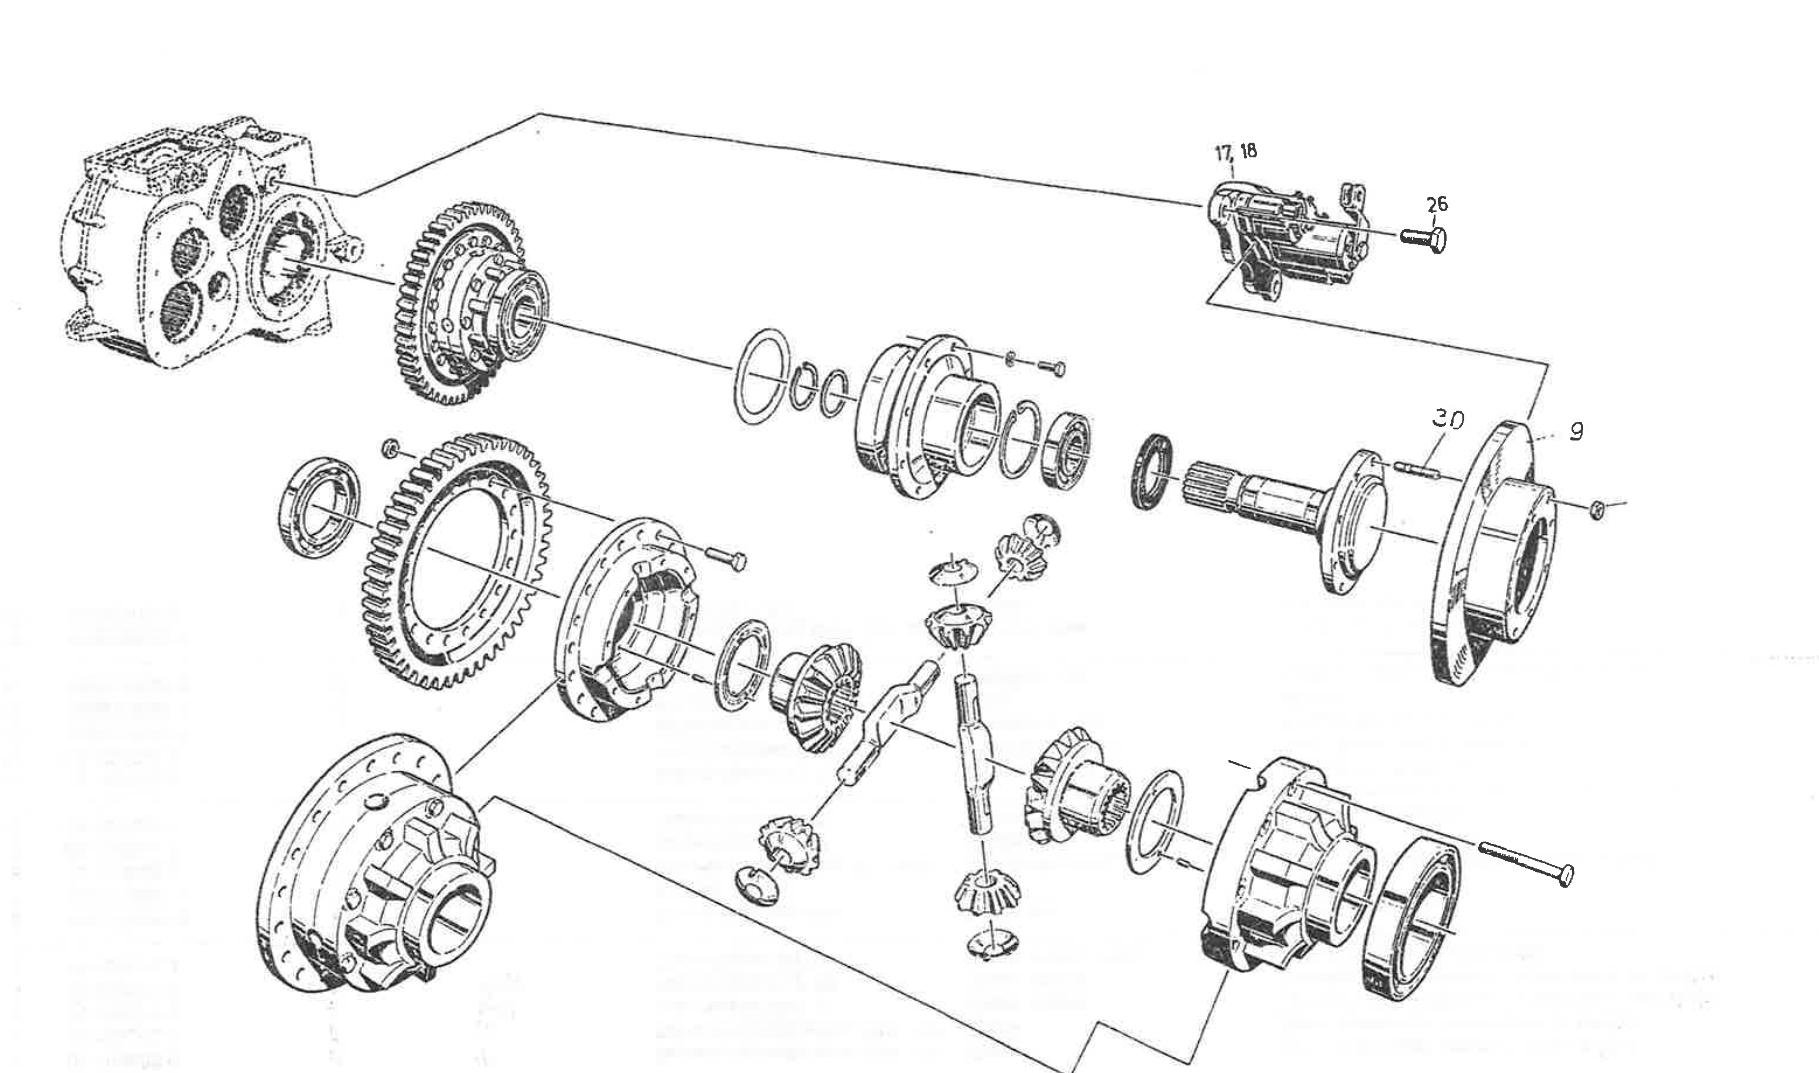 525_1997_177_Stirnradschaltgetriebe_4_Antriebsw_